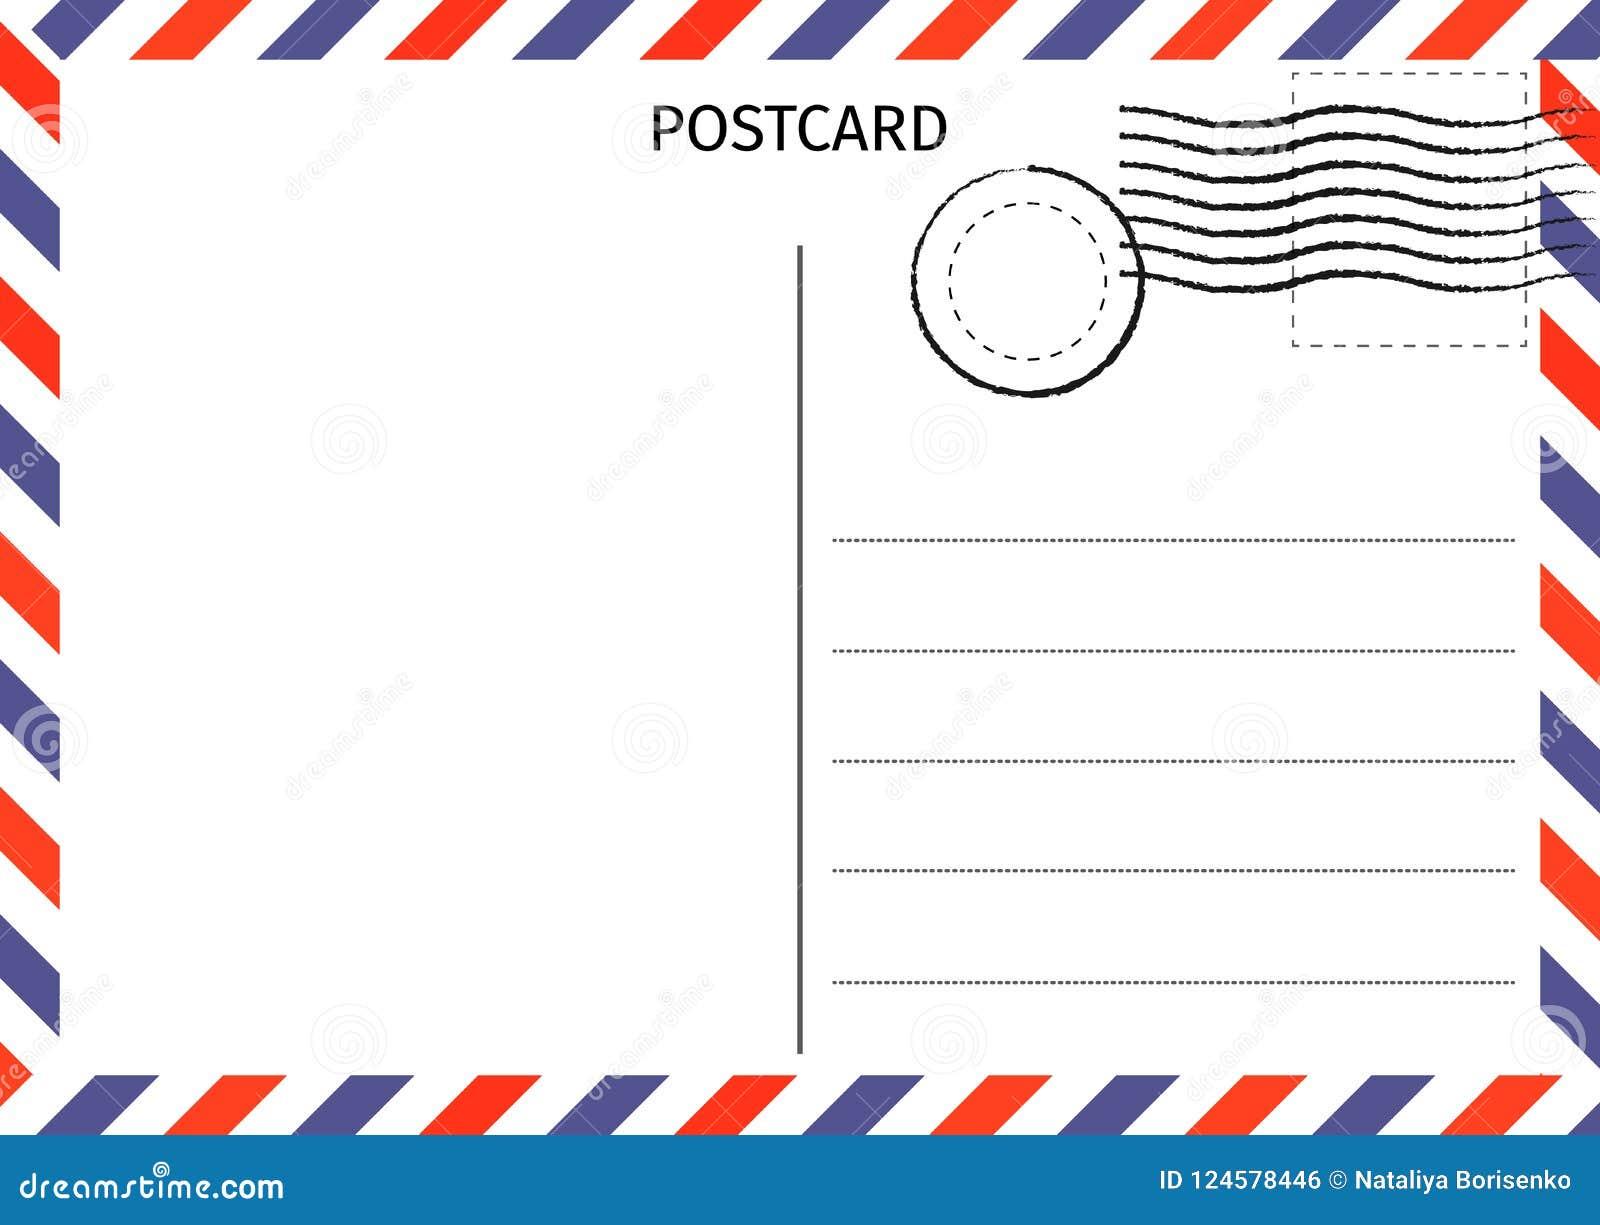 Postcard La poste aérienne Illustration de carte postale pour la conception Voyage